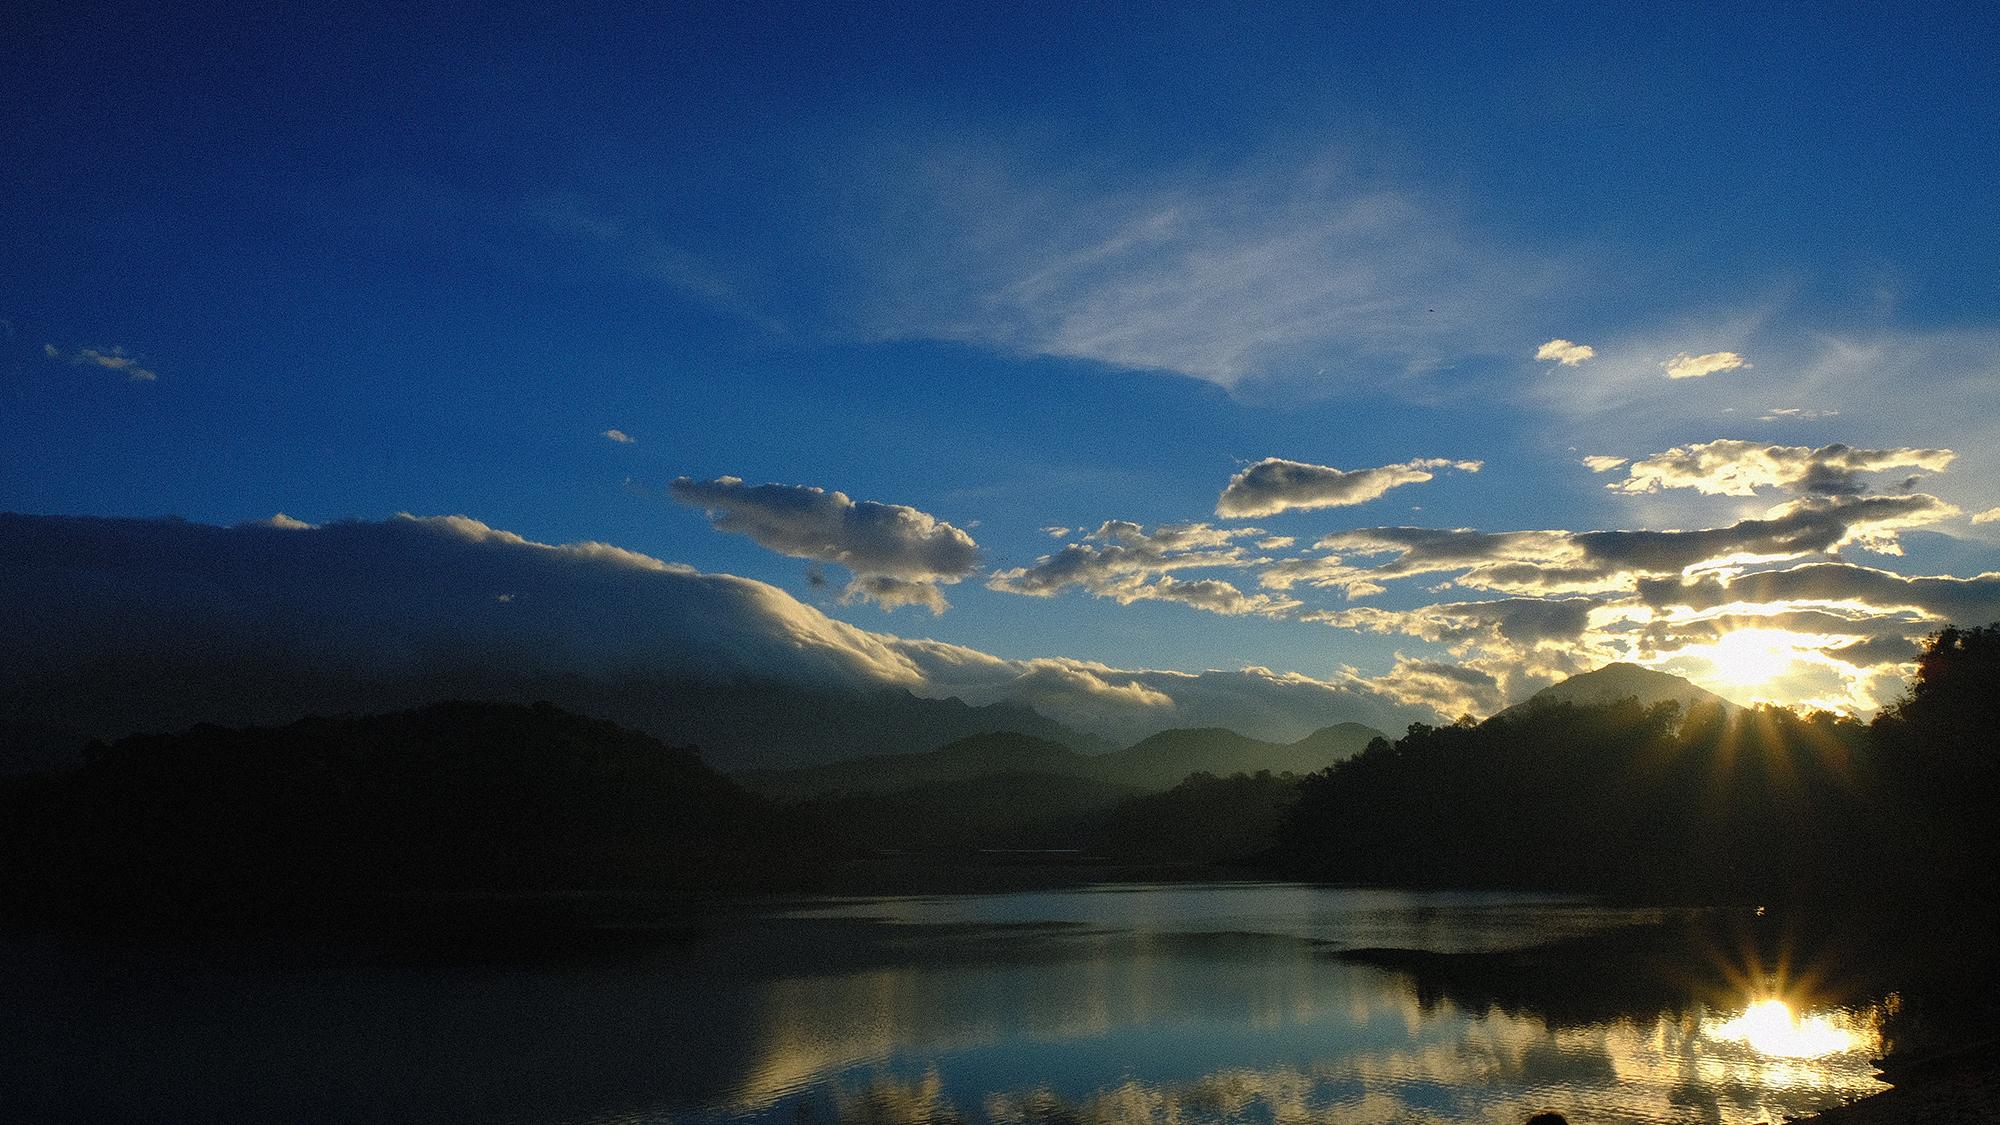 スピリチュアルあまら 大晦日に開運! インド、ケララ、ニアルダムの写真